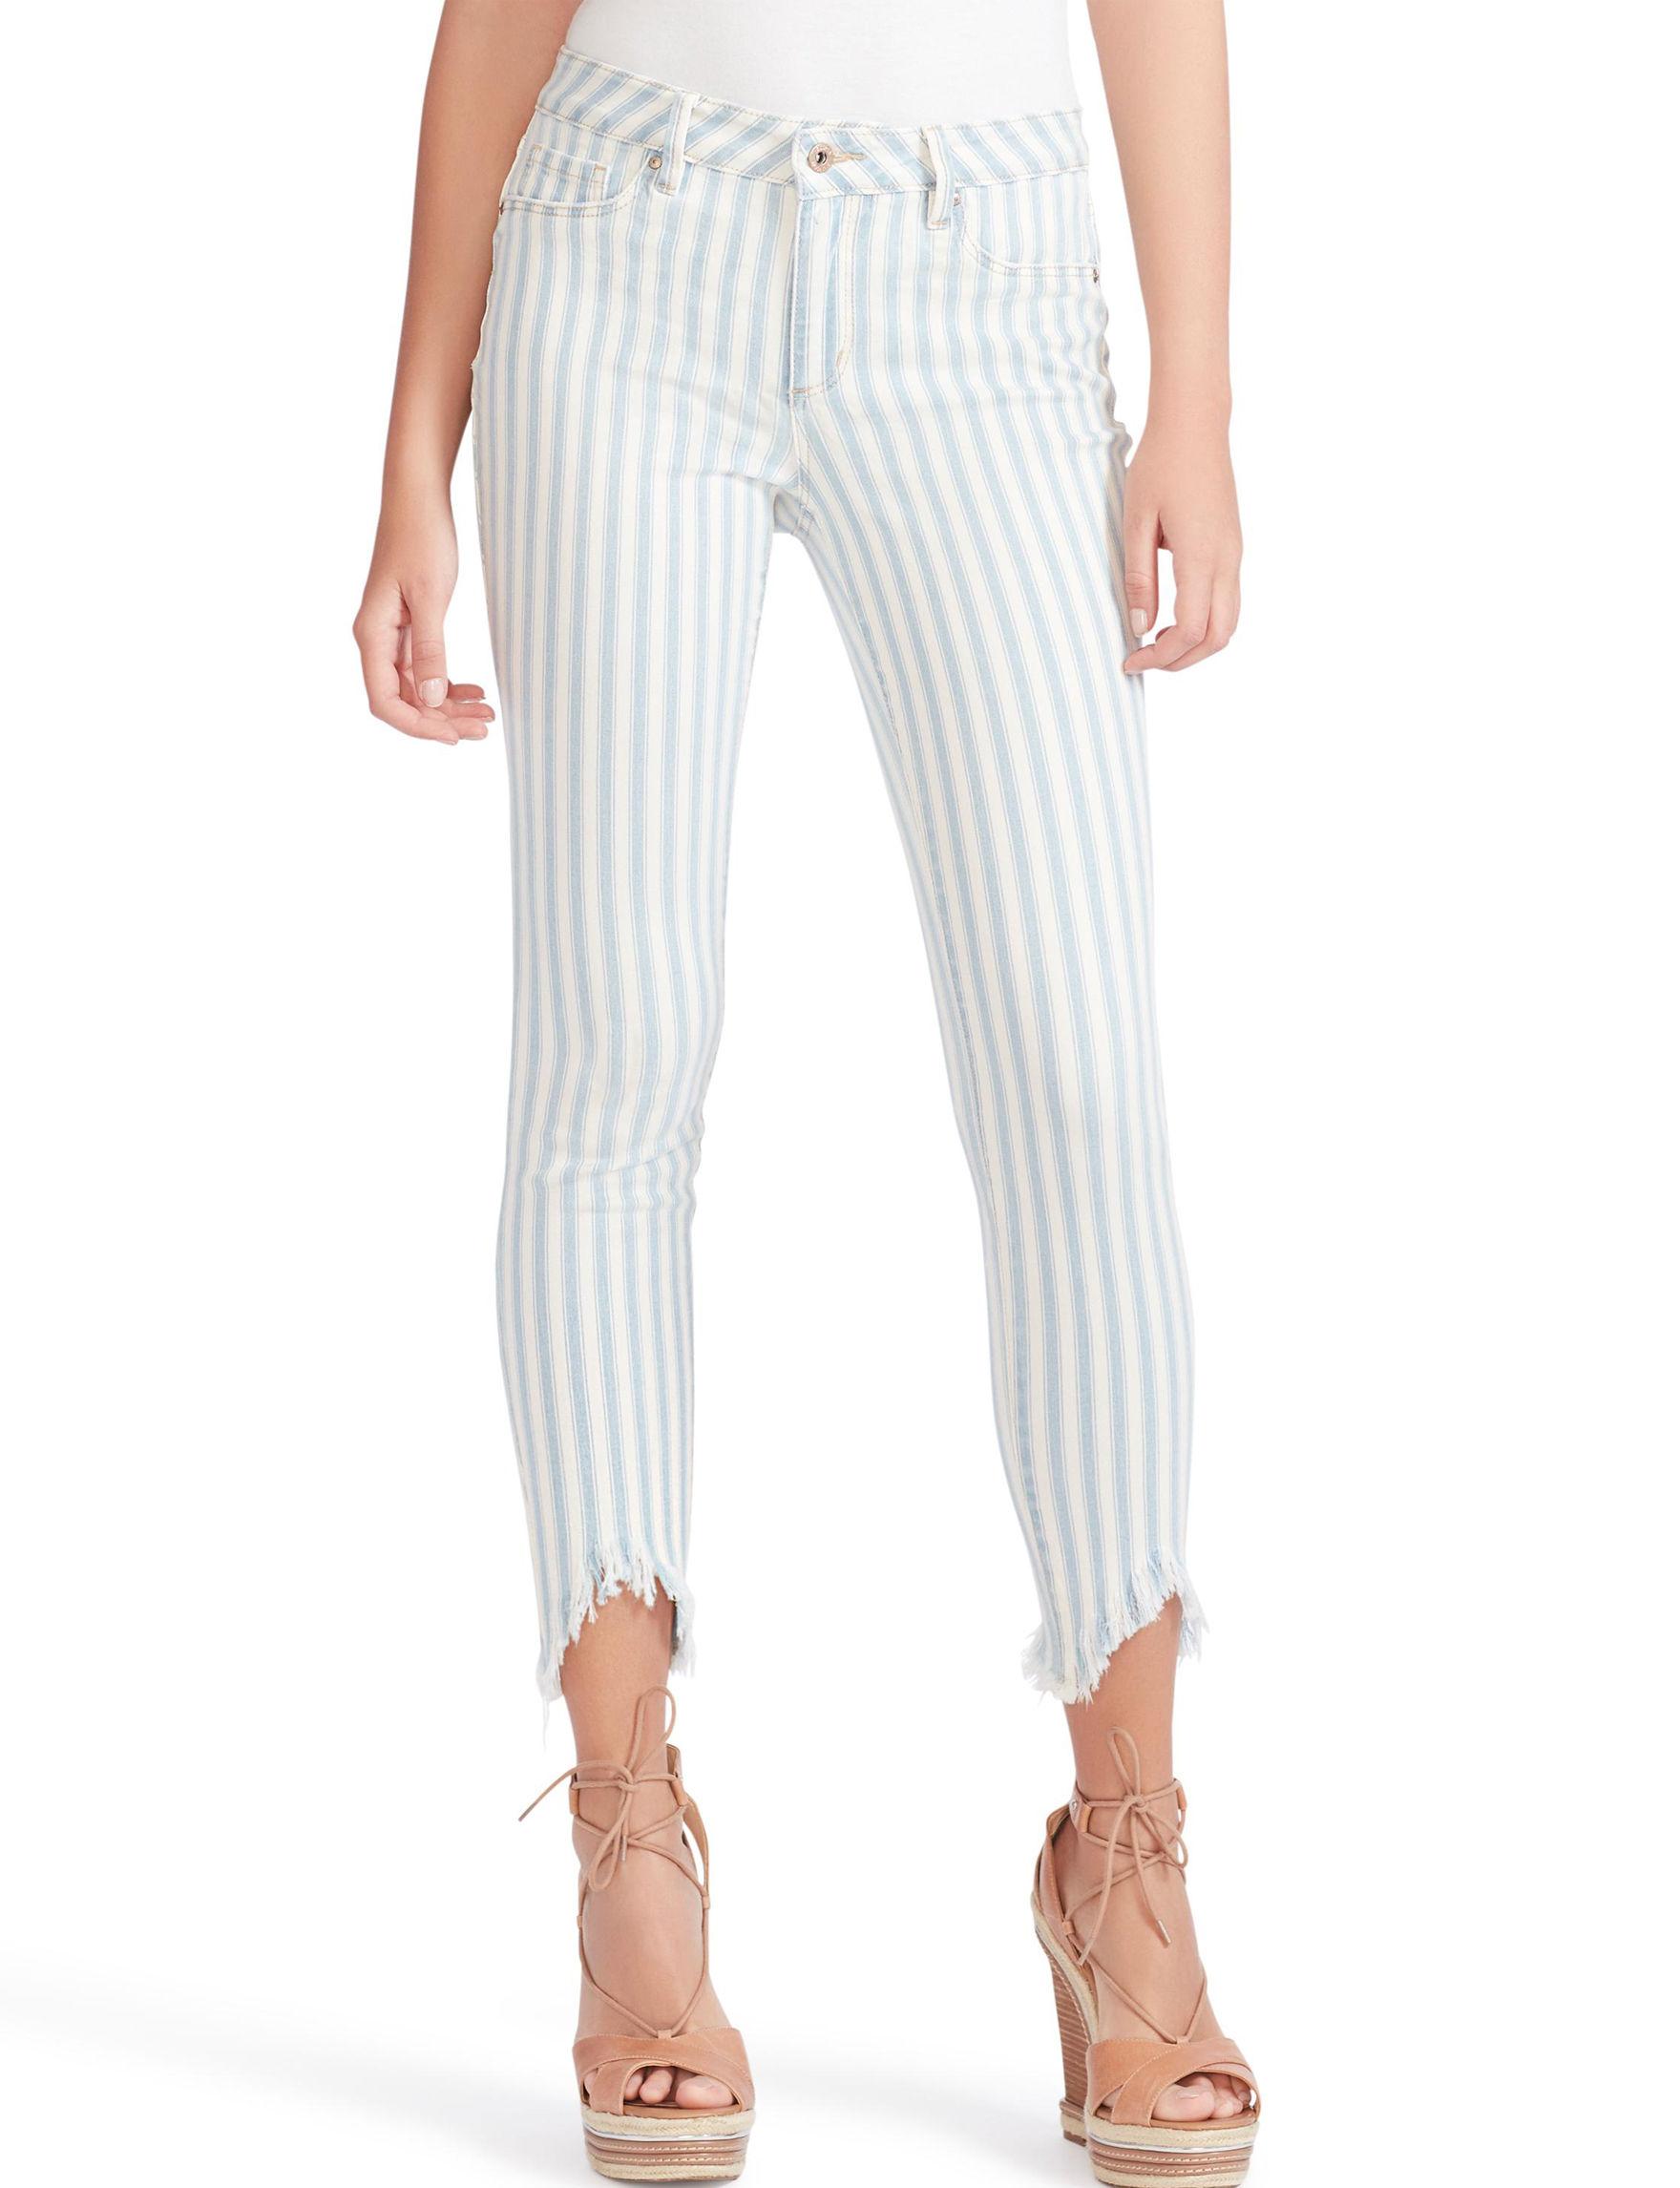 Jessica Simpson Blue Stripe Skinny